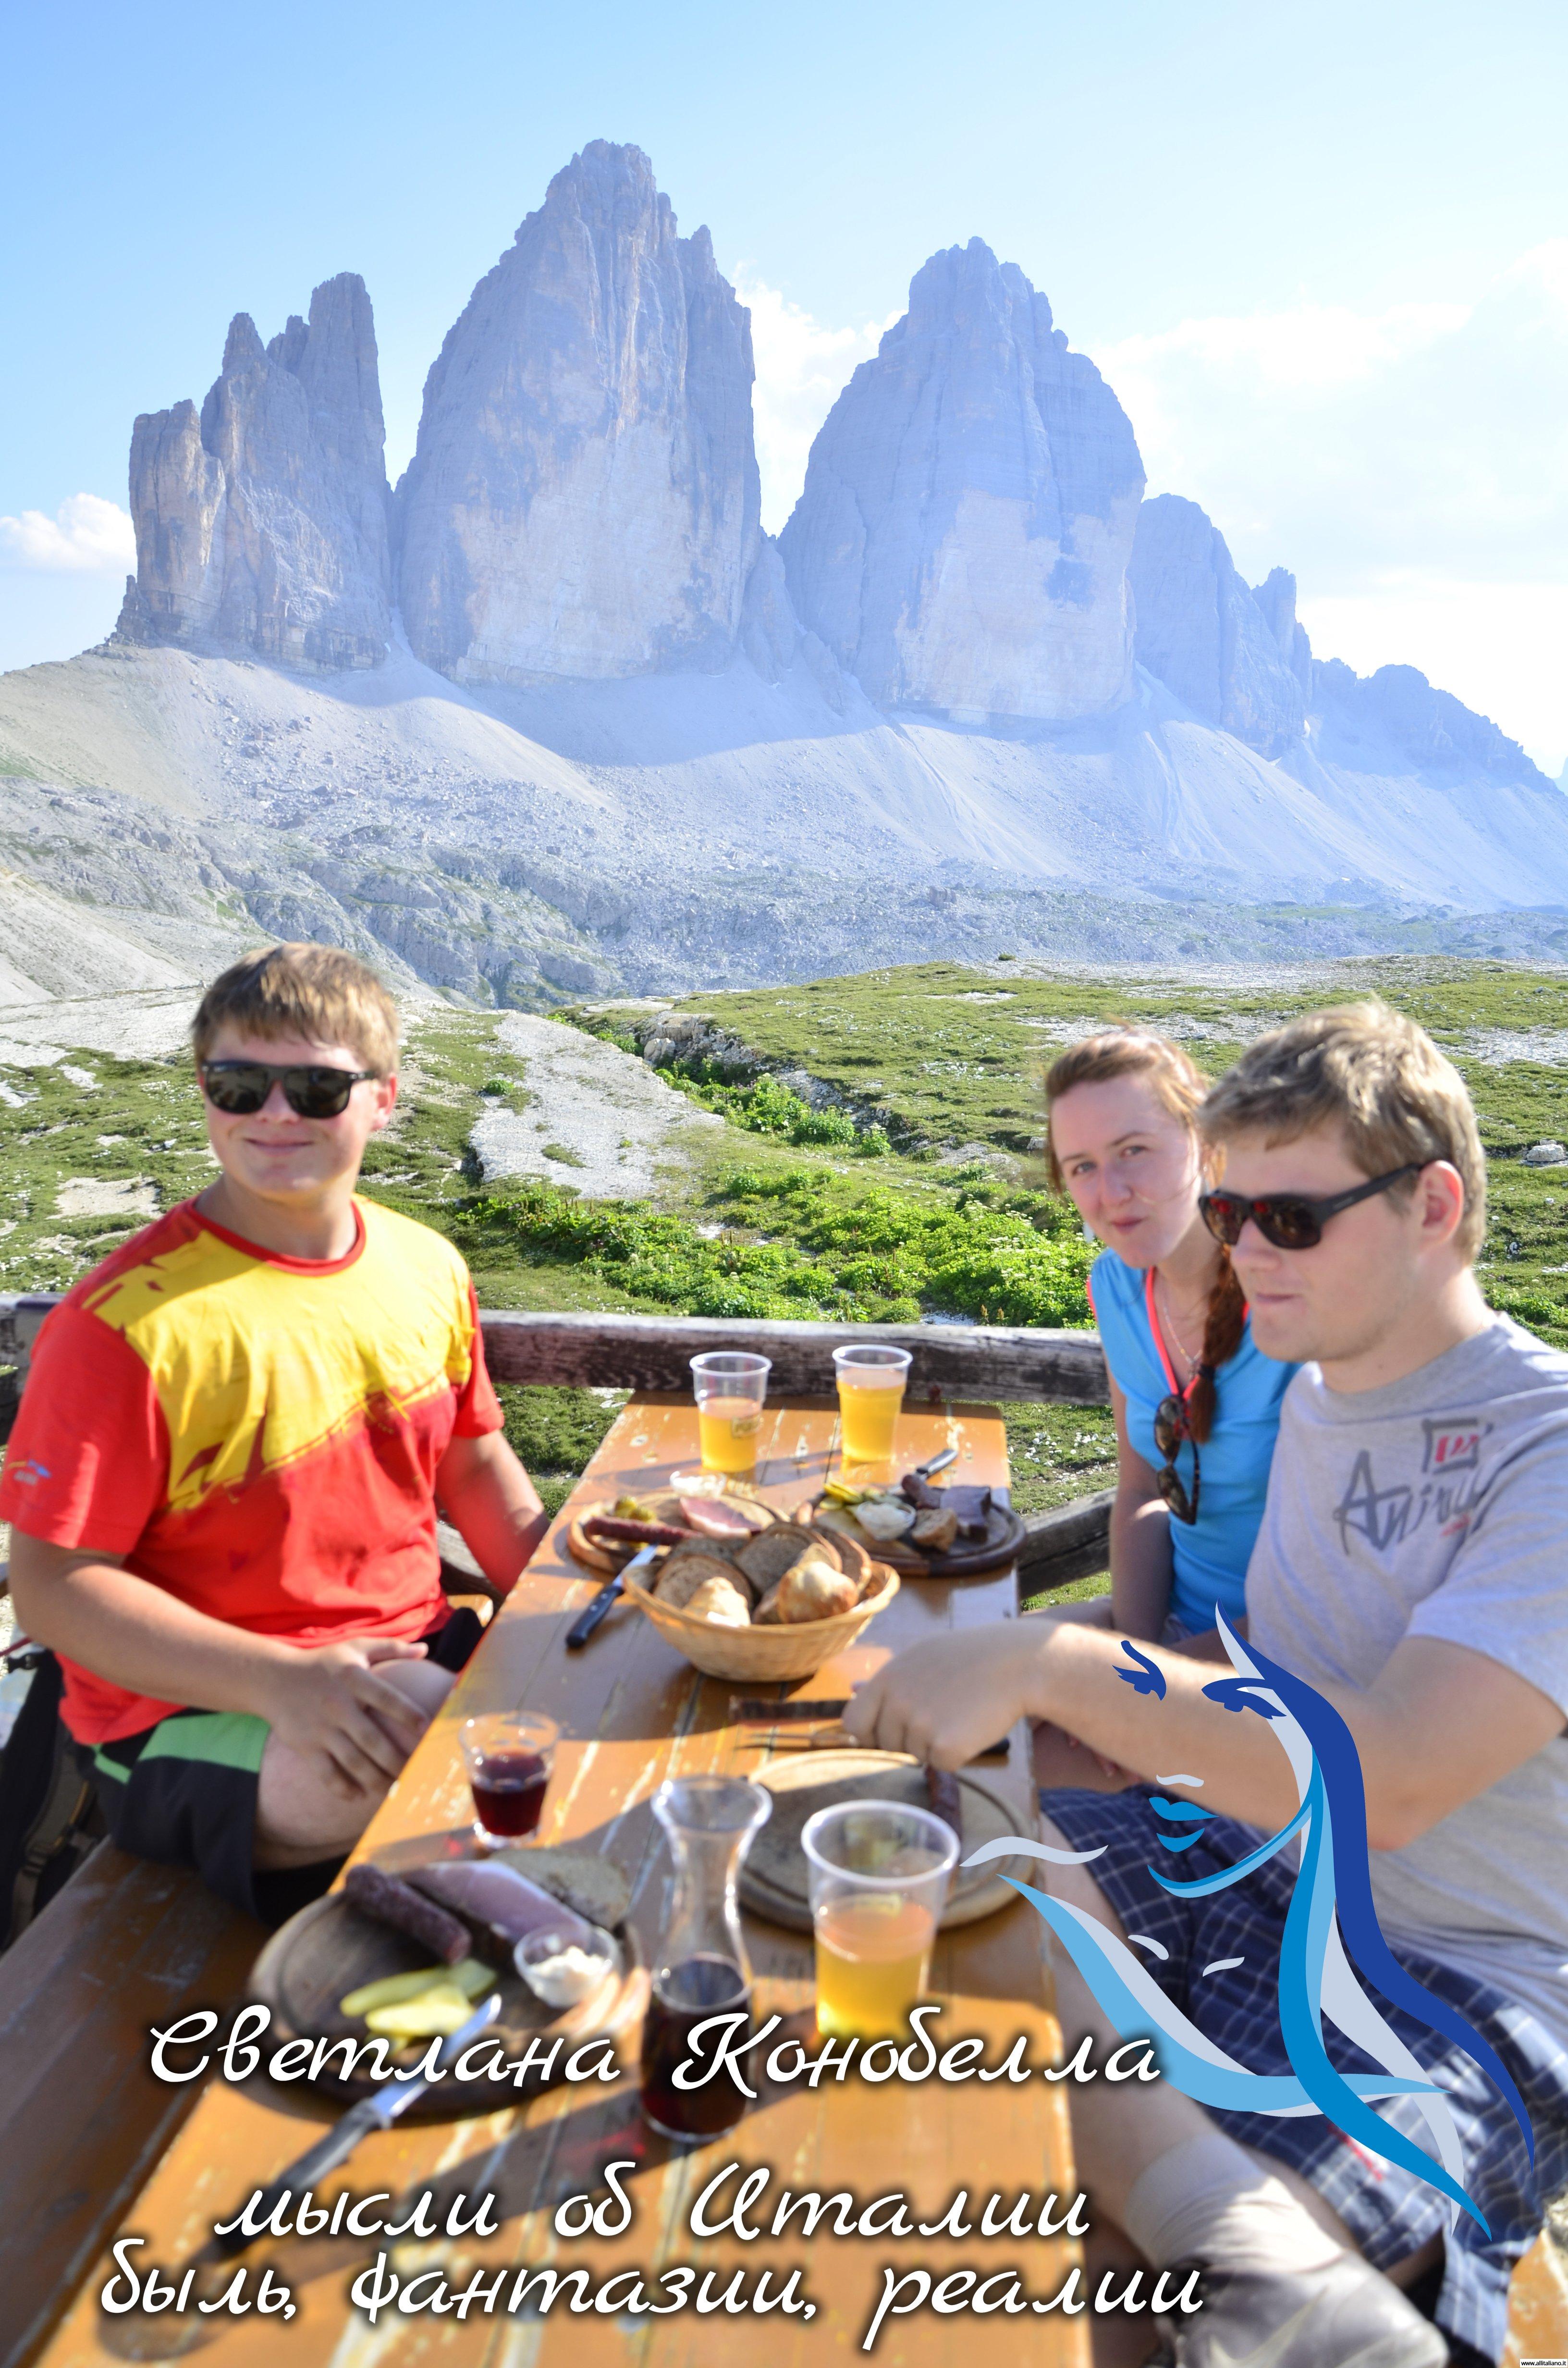 svetlana-konobella-italy-italia- gornye-puteshestvija-dolomitovye-alpy-trekking-hiking-juzhnyj-tirol-alto-adoge (5)